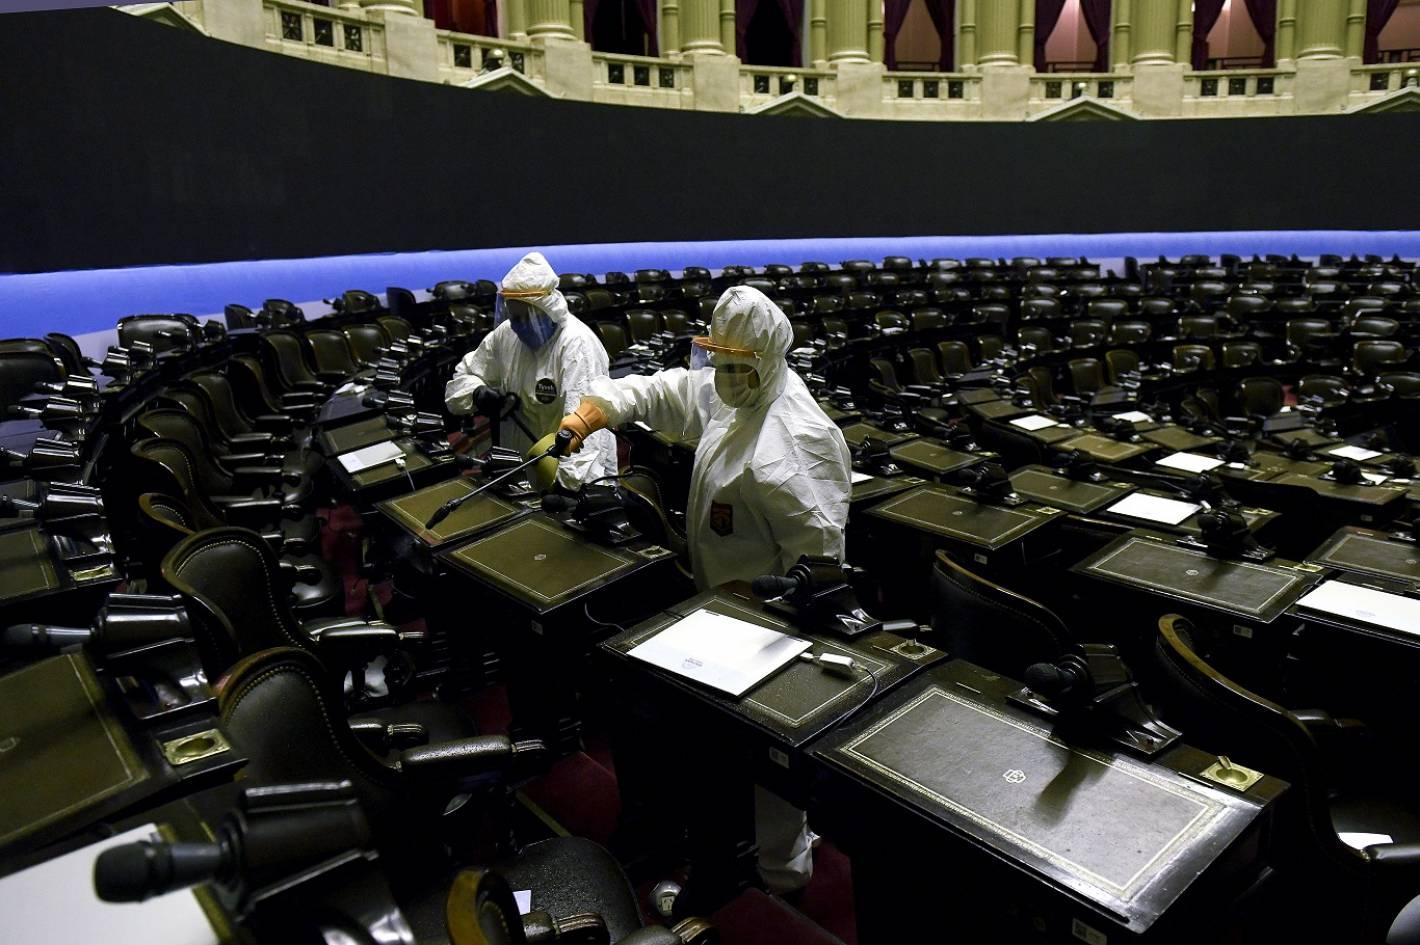 Desinfectan el Congreso y junto a Ramón hay 9 diputados observados ...